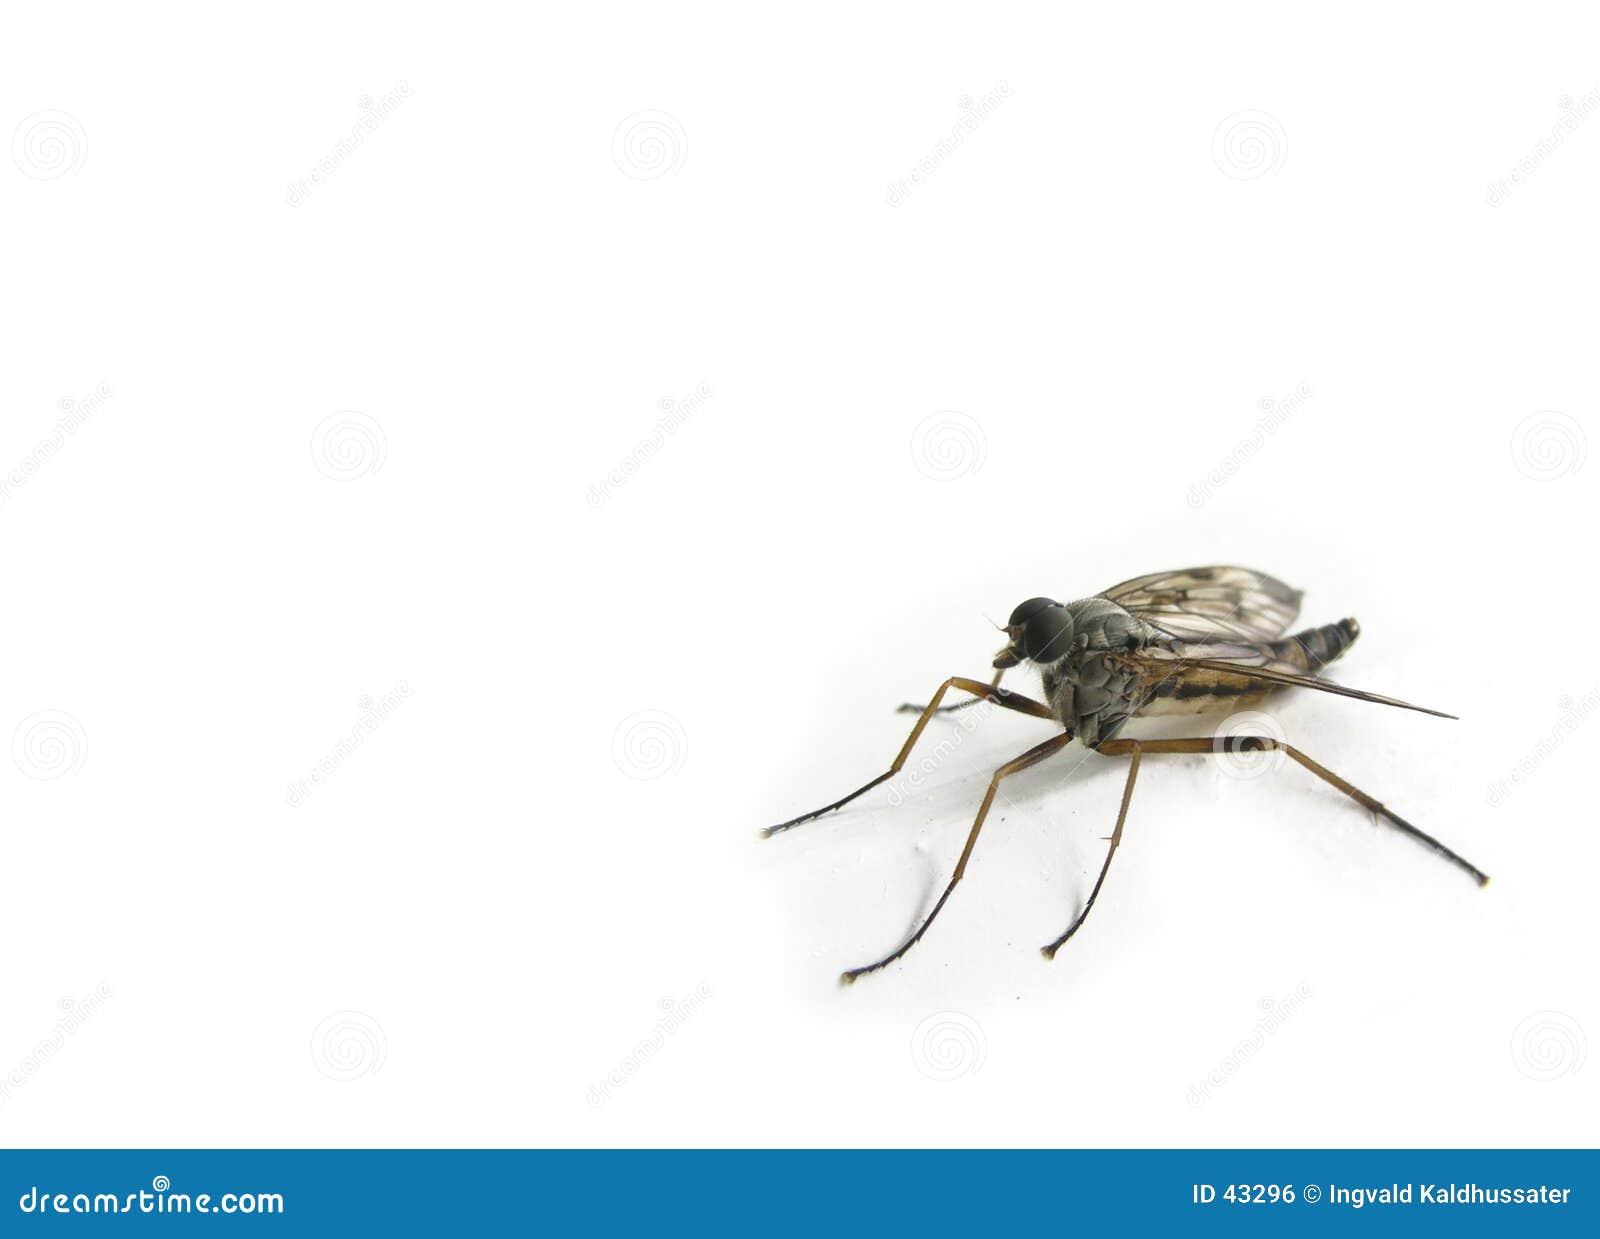 Bug in the corner